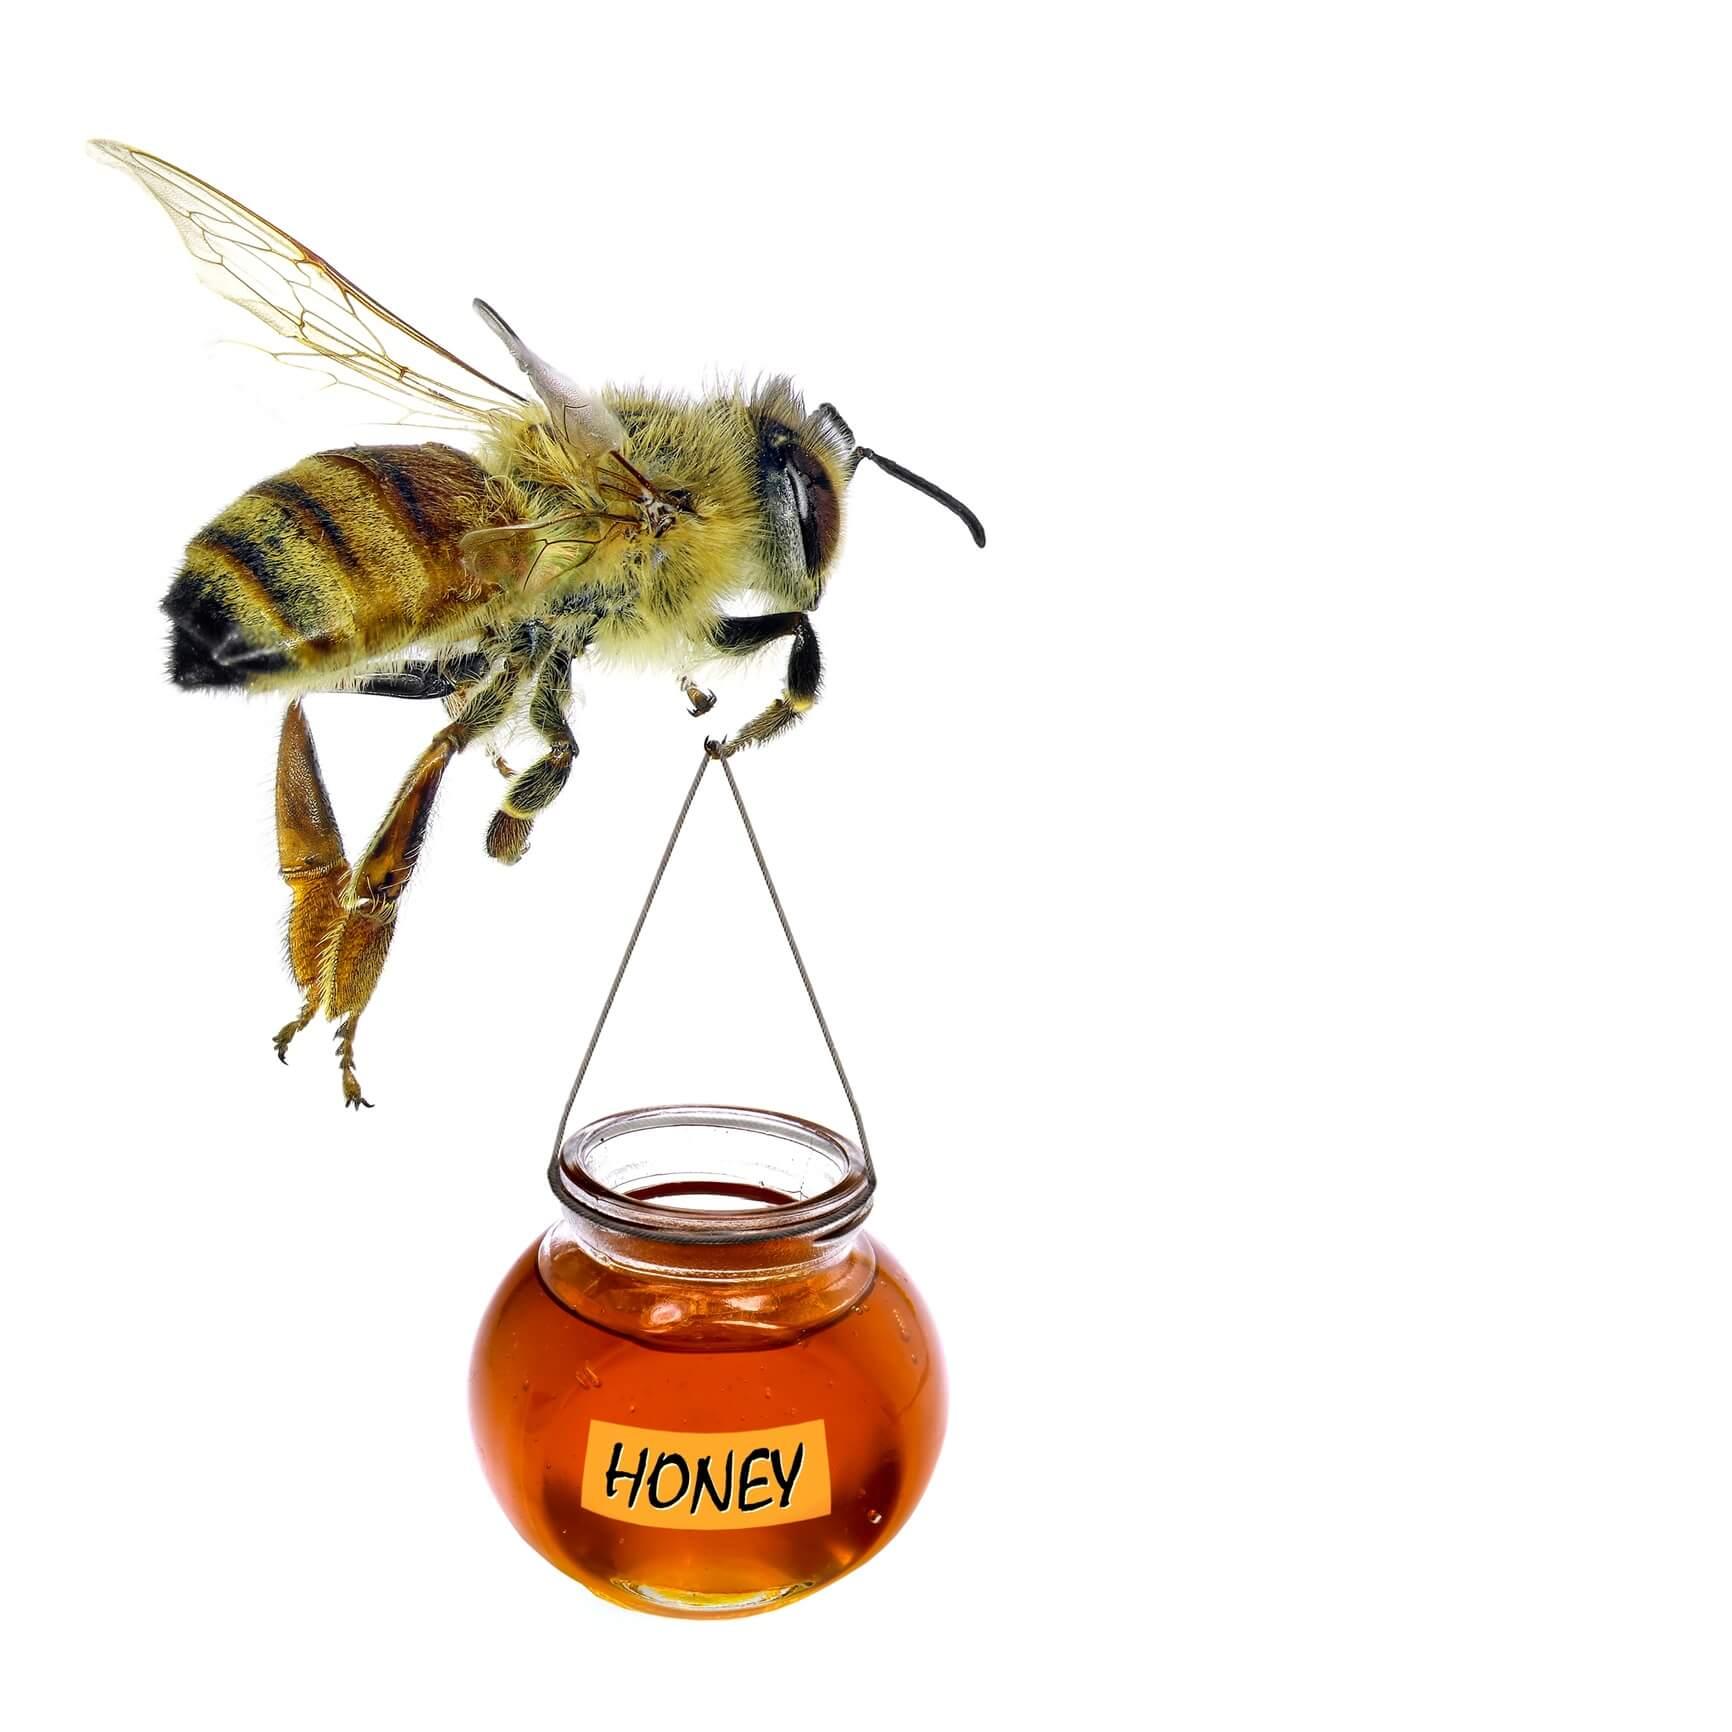 Queen Bee Venom natures botox